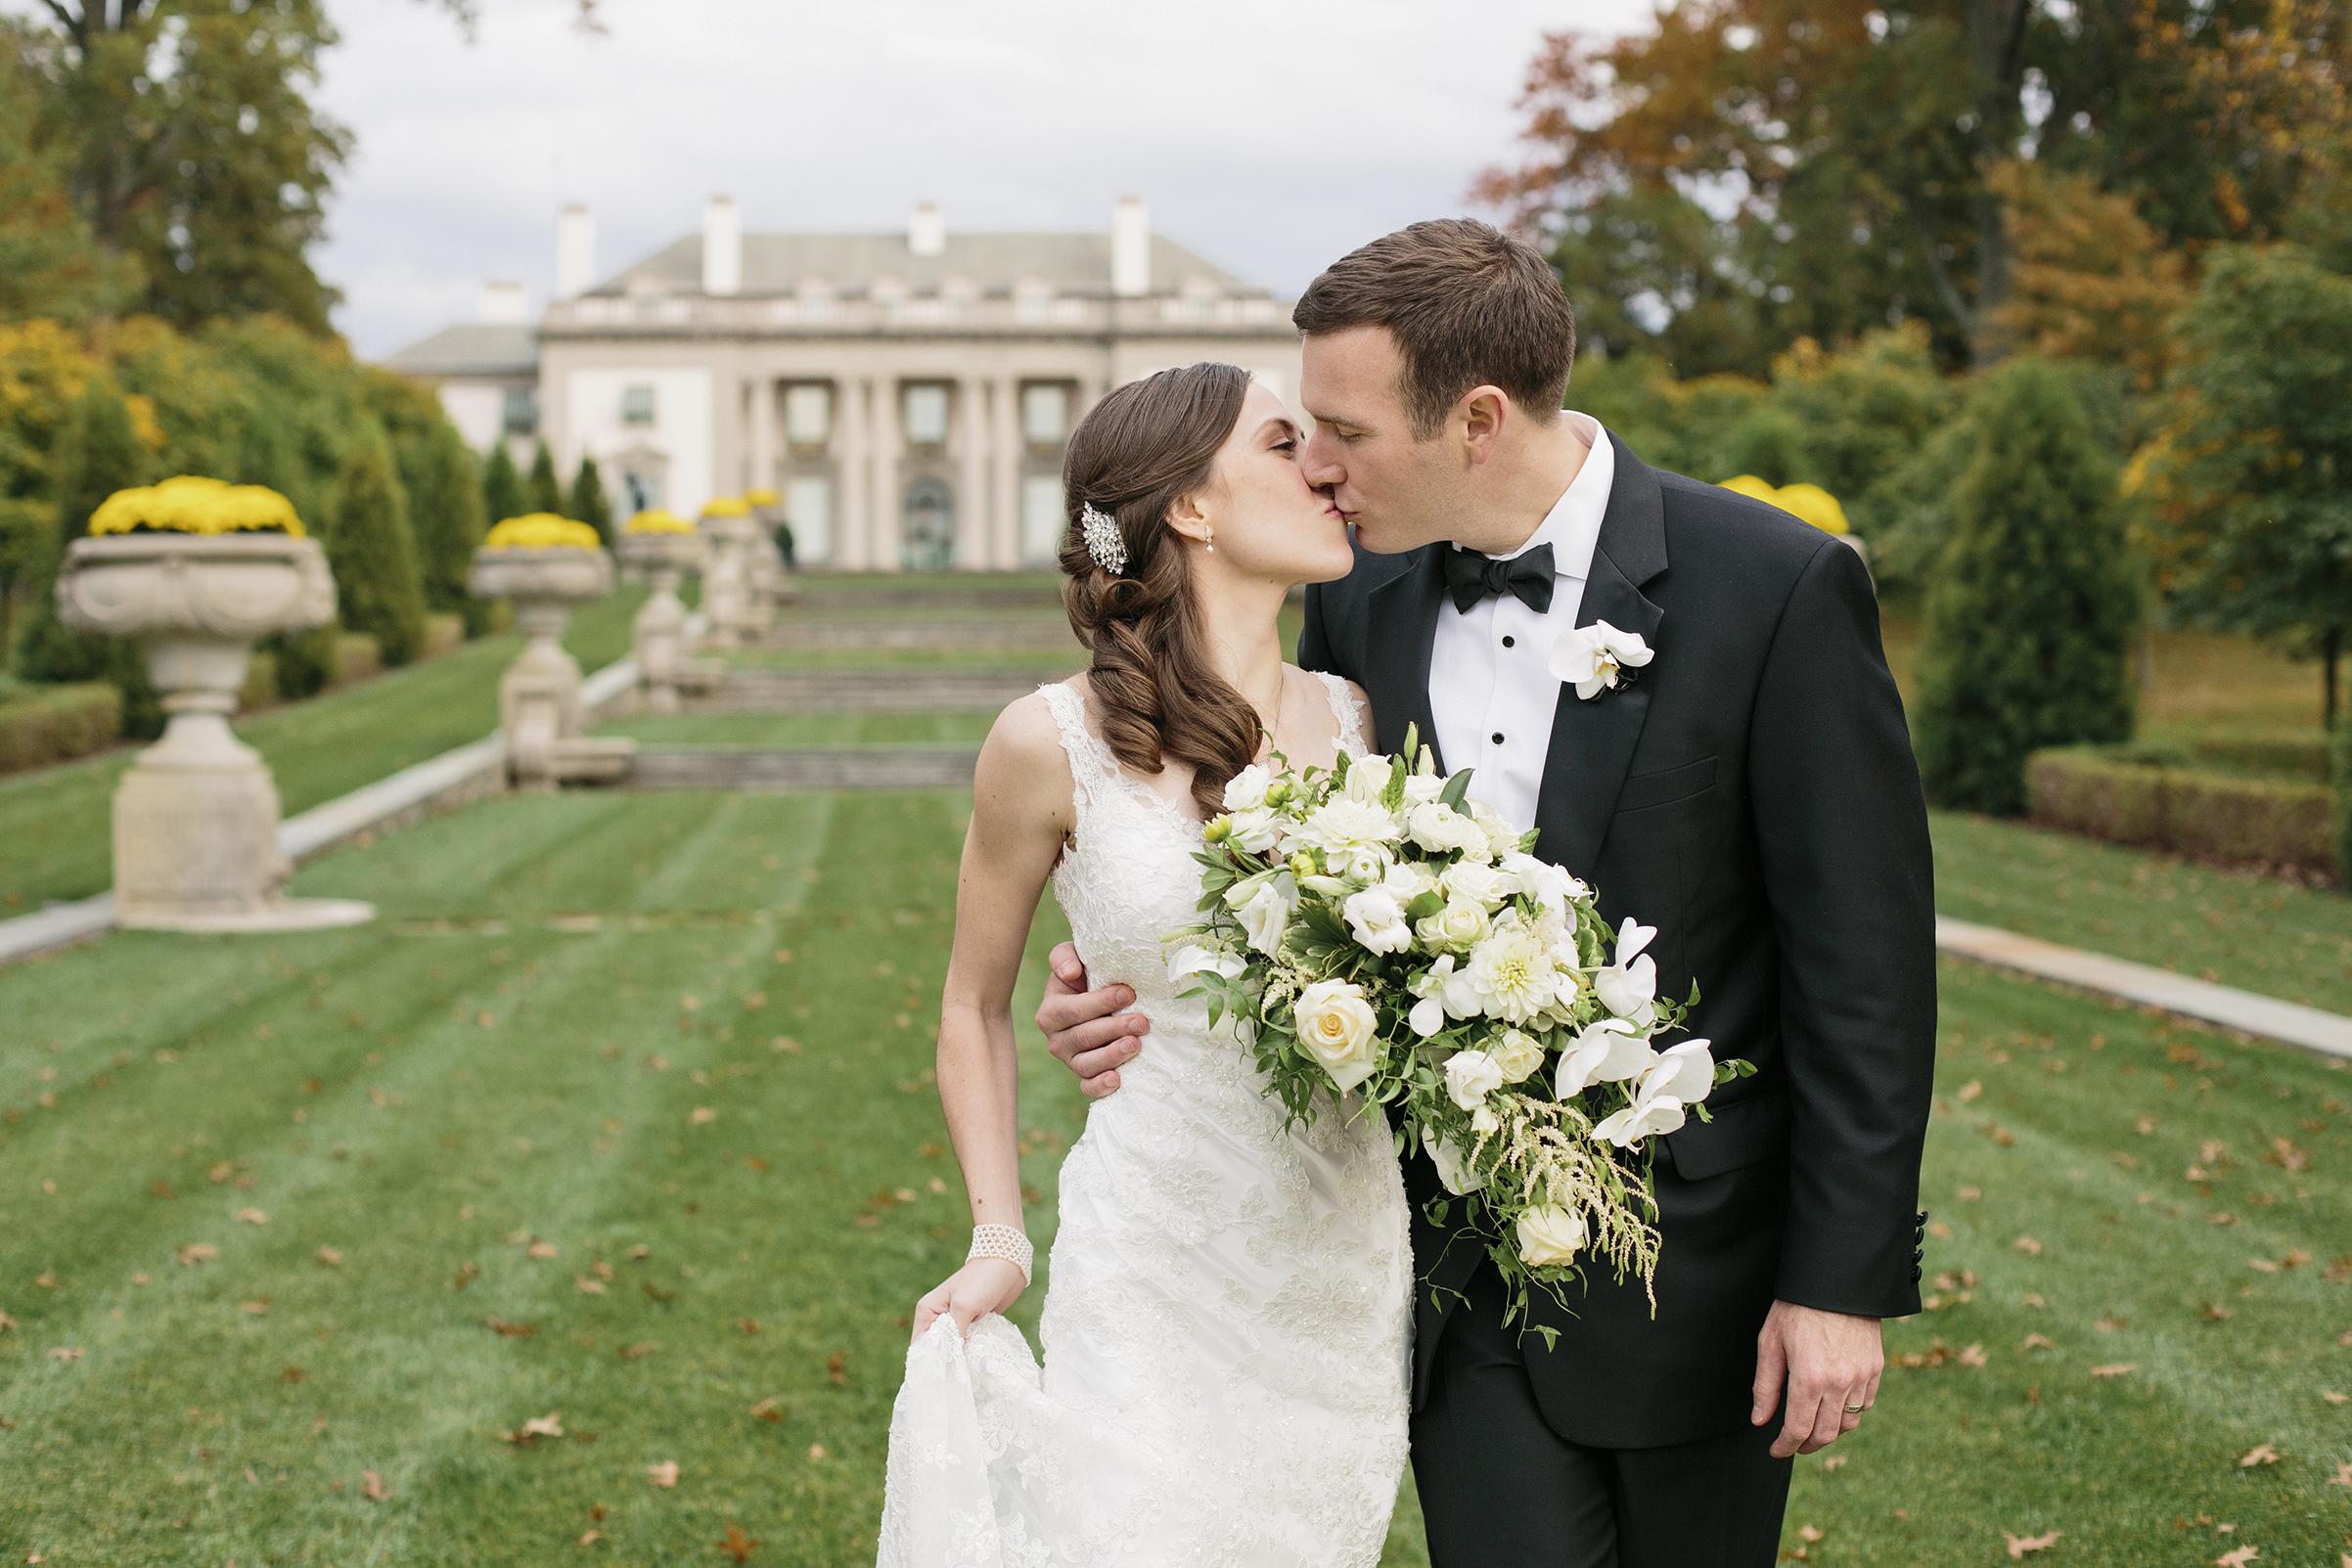 Nemours-Delaware-Art-Museum-Fall-Film-Wedding-Photographer-029.jpg